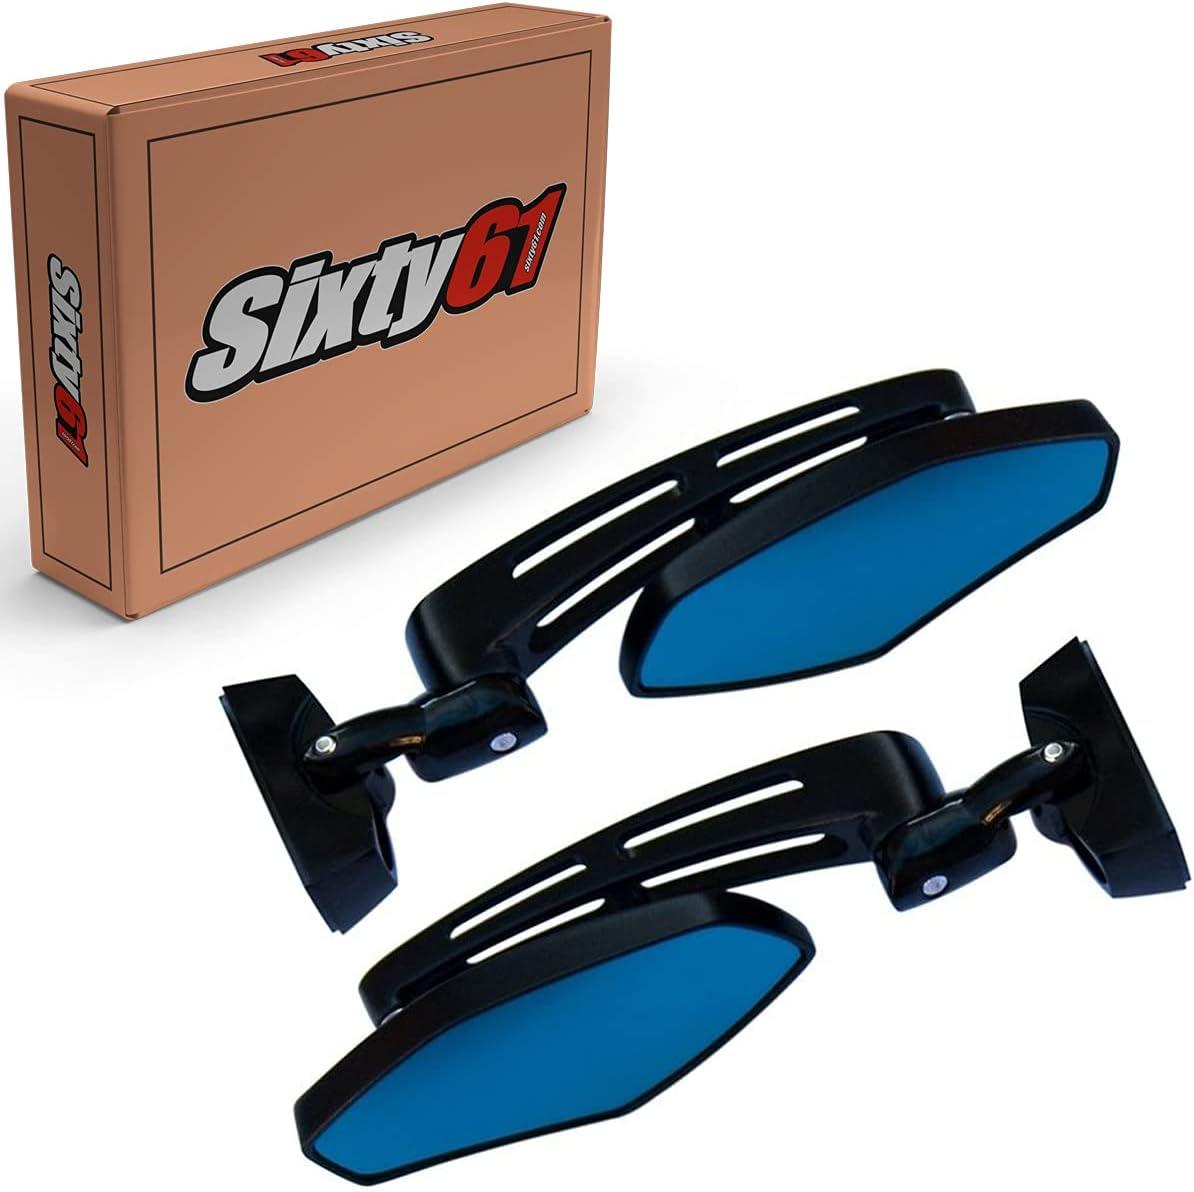 Sixty61 Black Mirrors for Suzuki GSXR 1000 2001-2021, Aircraft-G